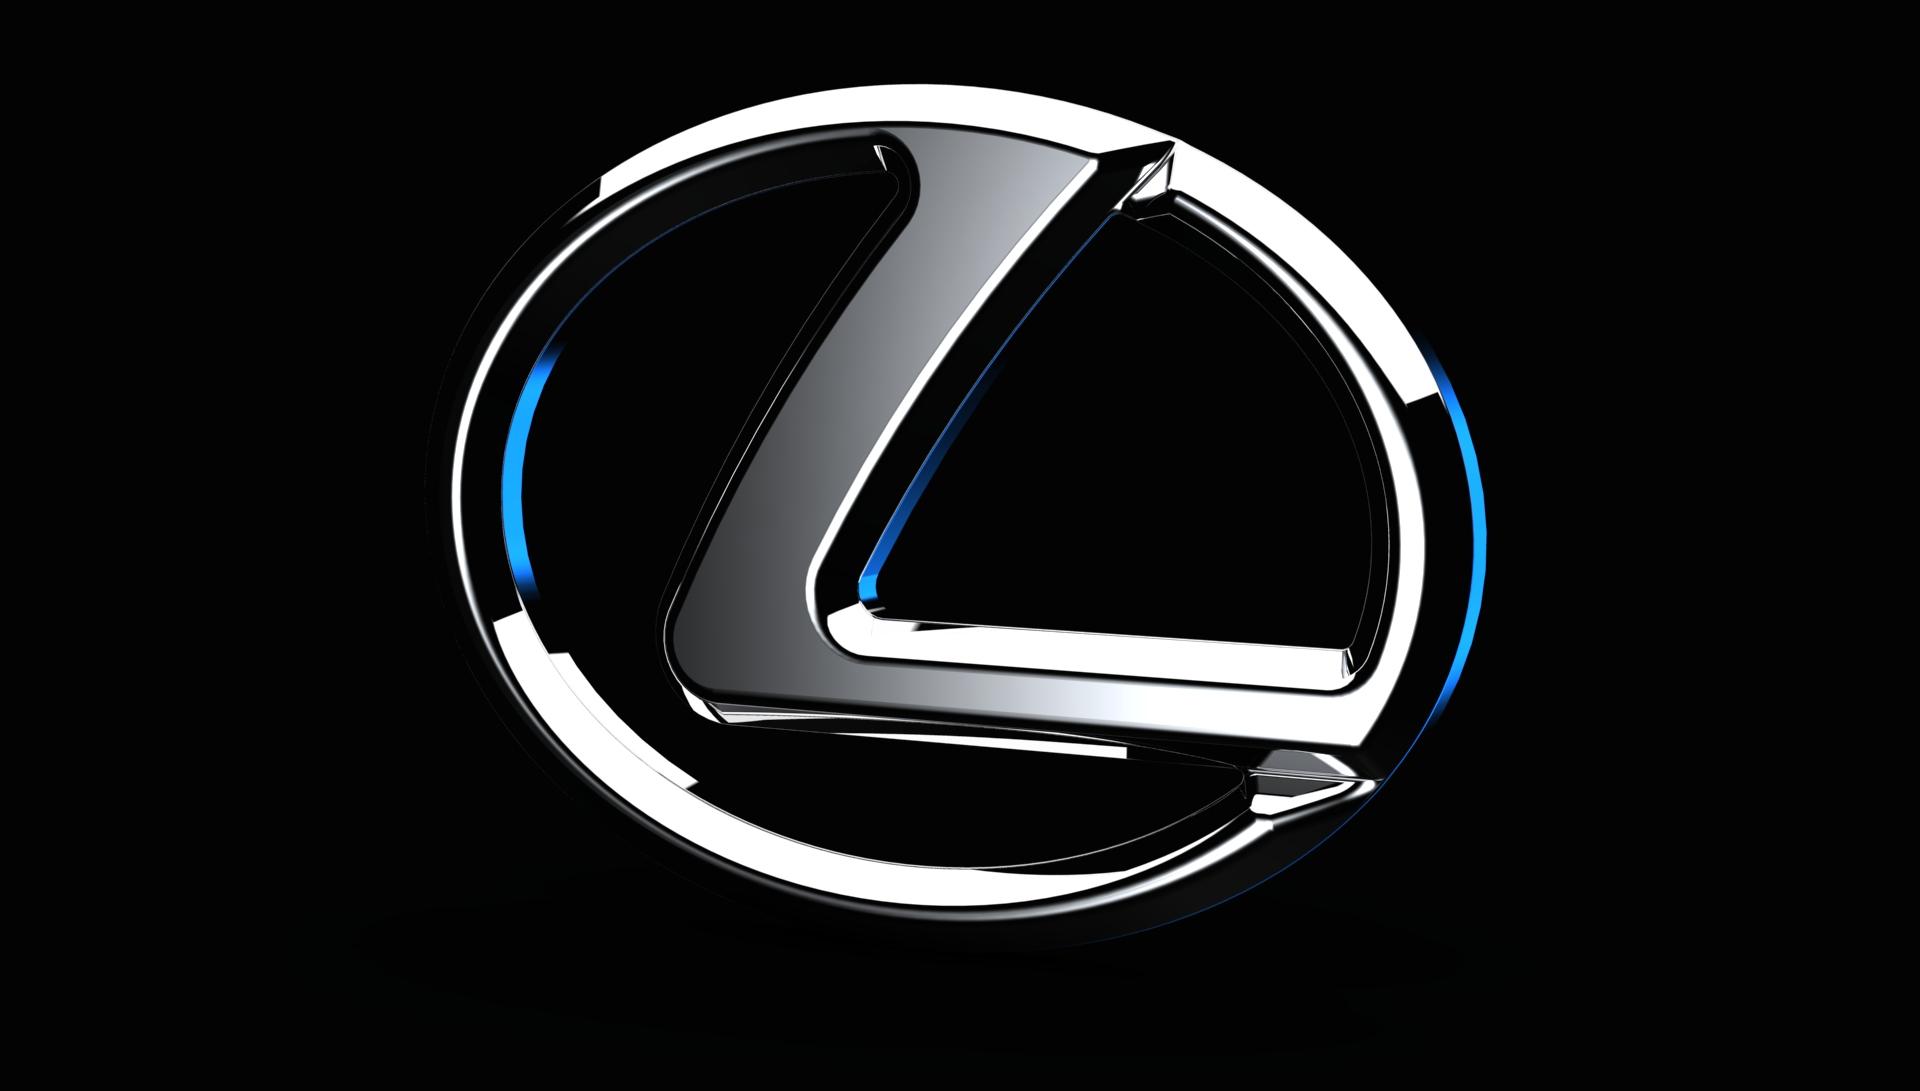 48 Lexus Logo Wallpaper On Wallpapersafari